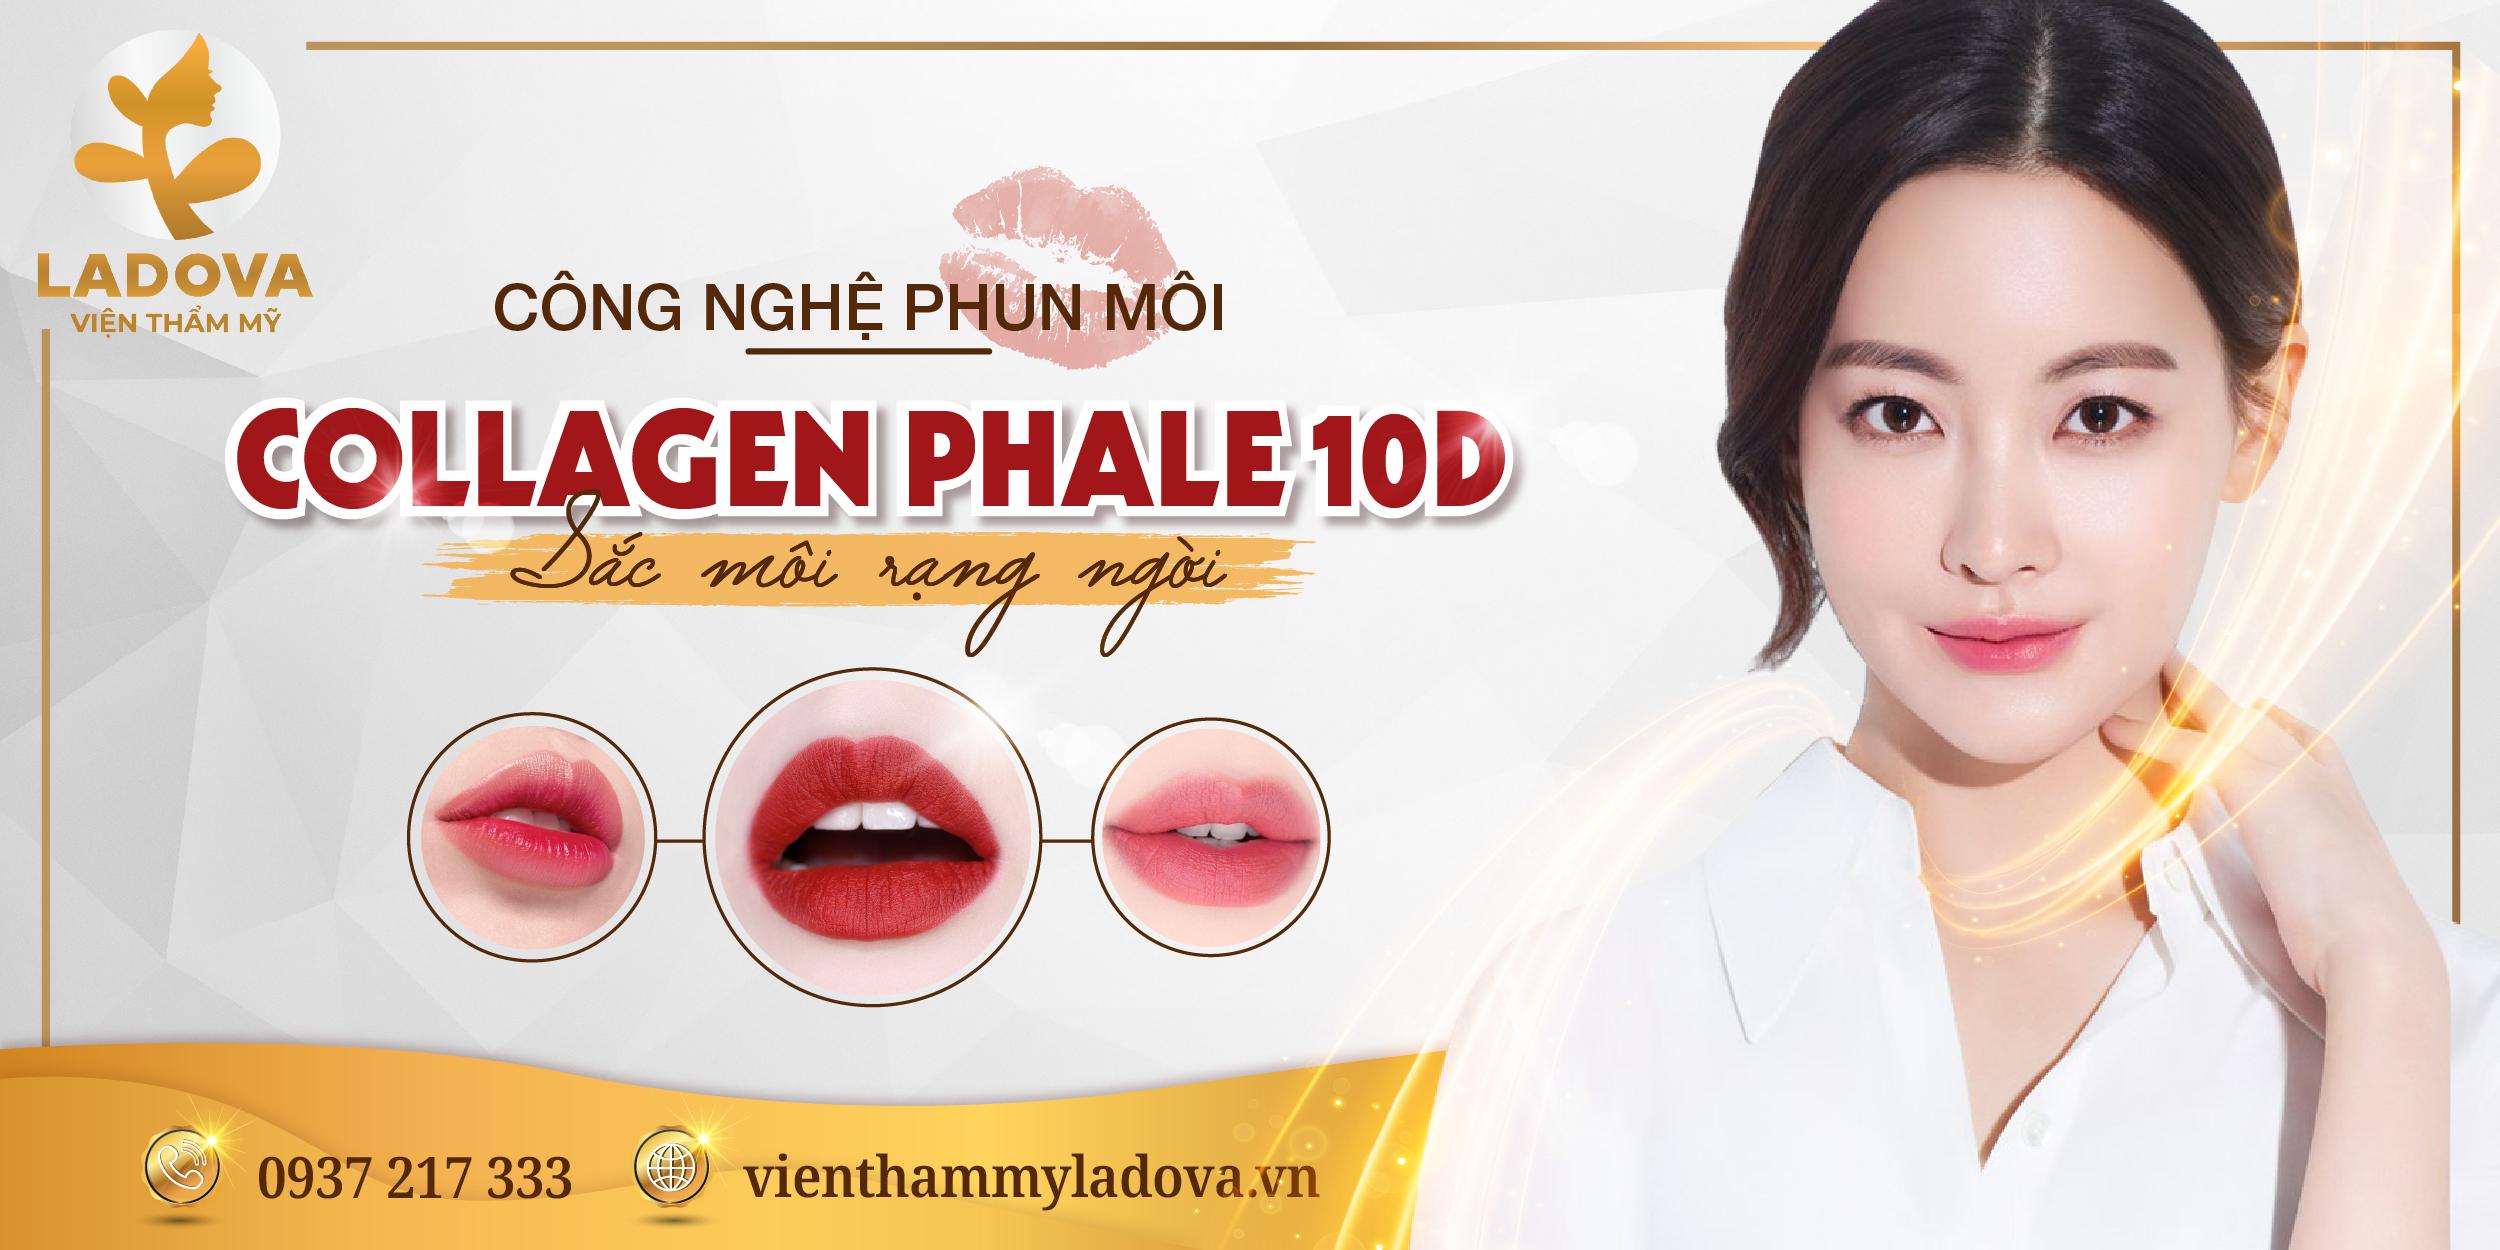 phun-moi-collagen-phale